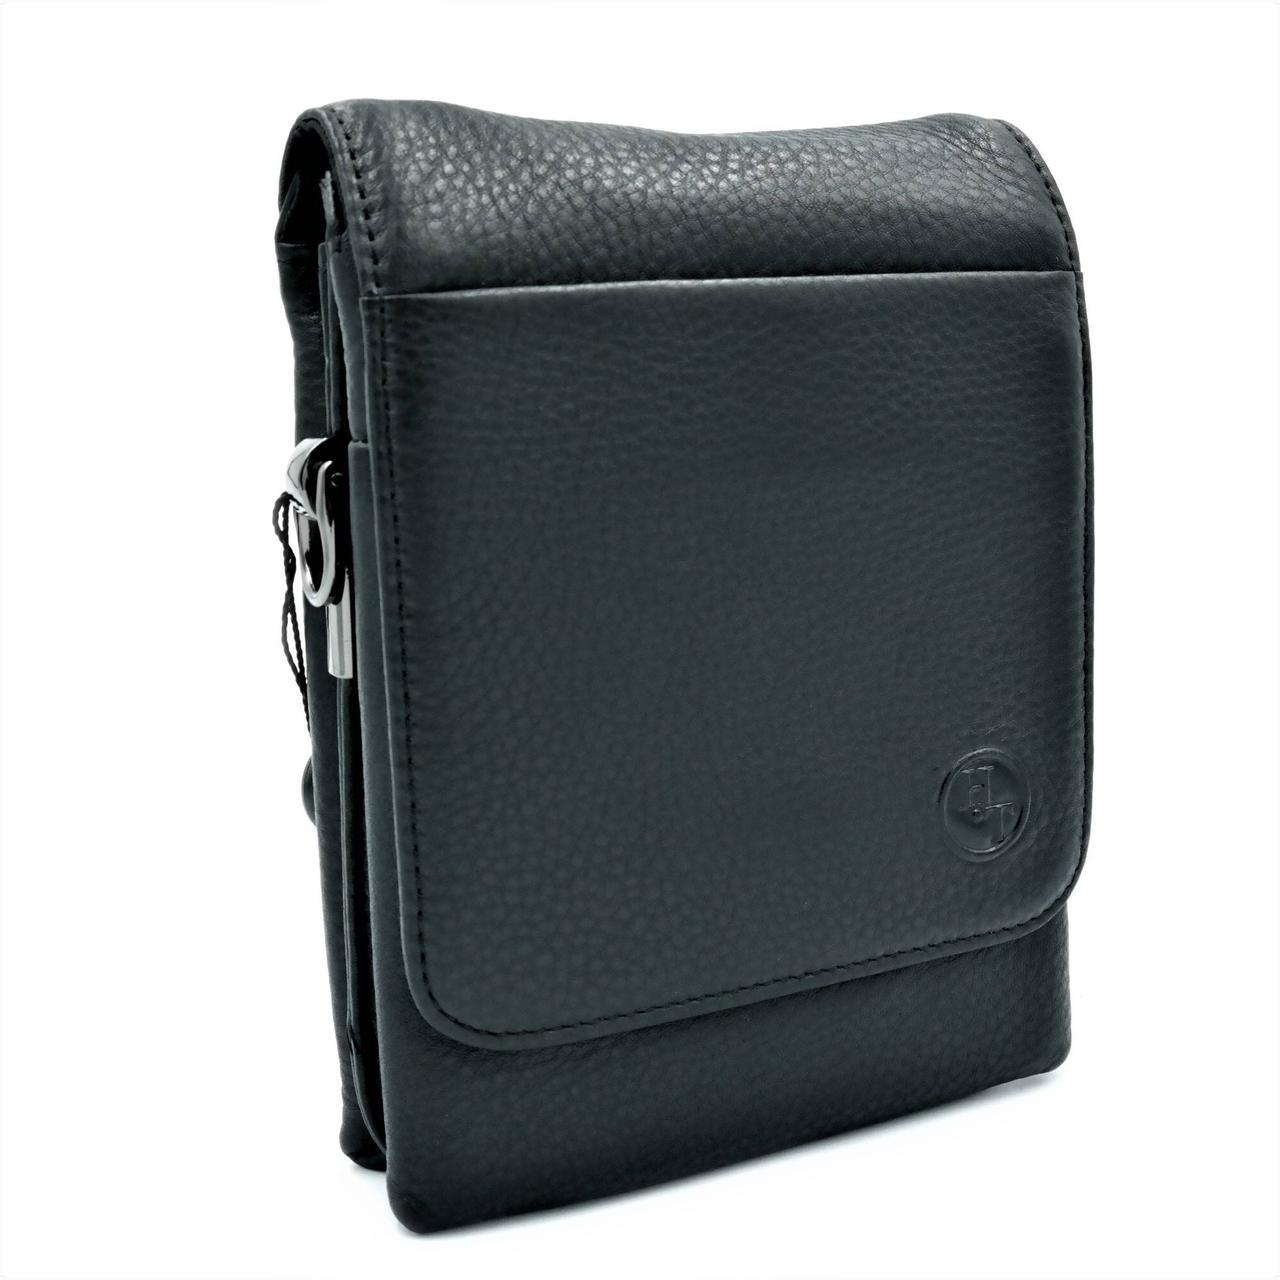 Чоловіча шкіряна сумка H. T. Leather Чорний (5479-12)